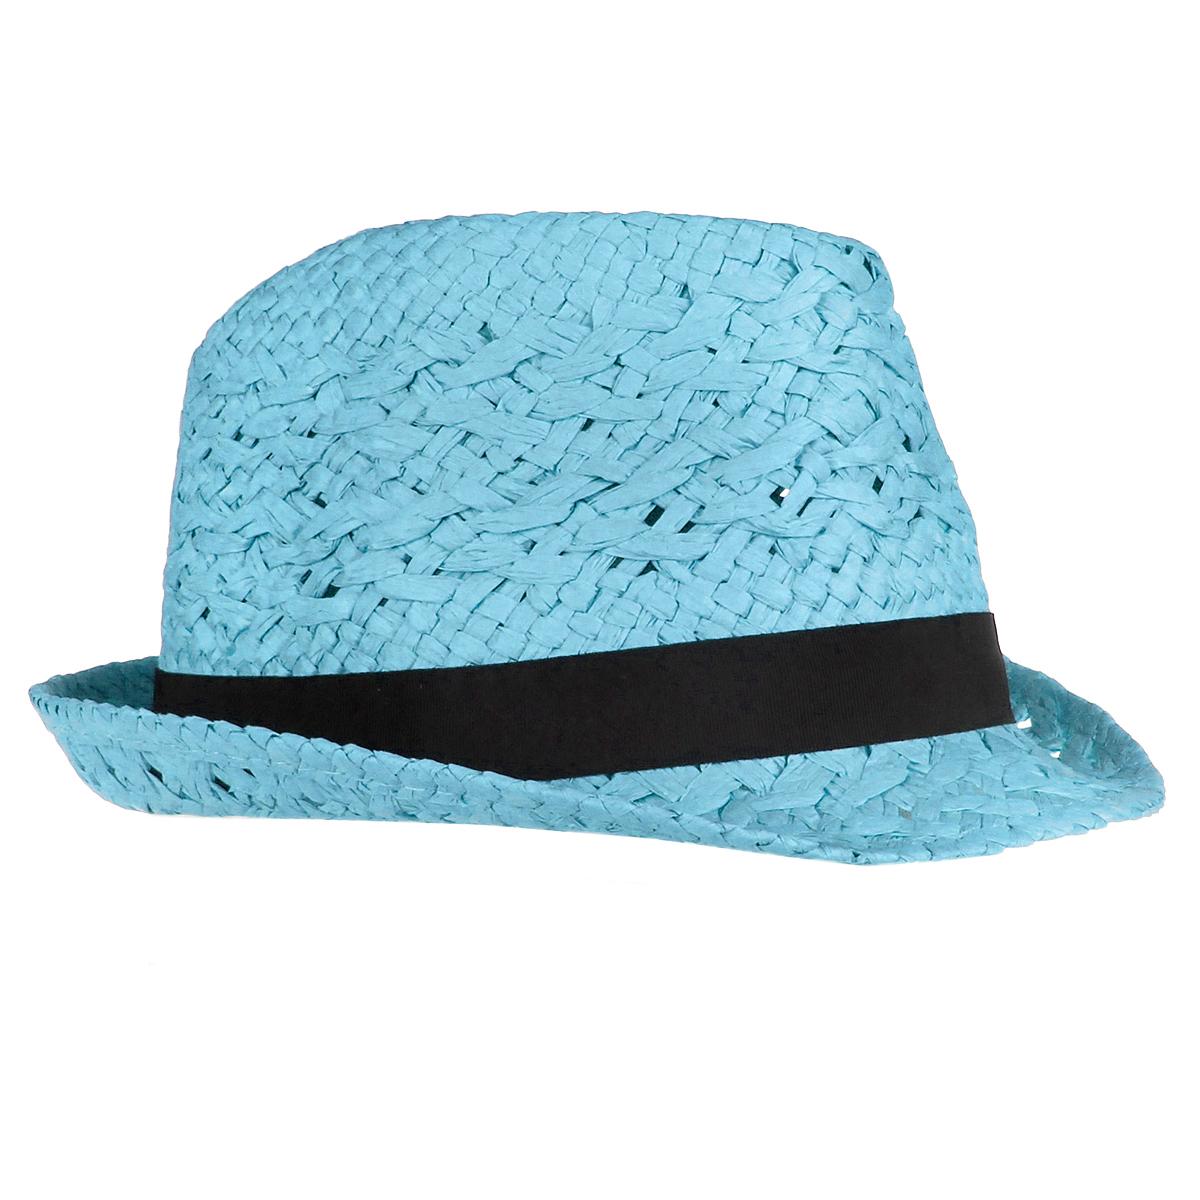 Шляпа1961085Стильная летняя шляпа Canoe Casa, выполненная из искусственной соломы, станет незаменимым аксессуаром для пляжа и отдыха на природе, и обеспечит надежную защиту головы от солнца. Шляпа оформлена декоративной лентой и украшена металлическим фирменным значком. Плетение шляпы обеспечивает необходимую вентиляцию и комфорт даже в самый знойный день. Шляпа легко восстанавливает свою форму после сжатия. Такая шляпа подчеркнет вашу неповторимость и дополнит ваш повседневный образ.